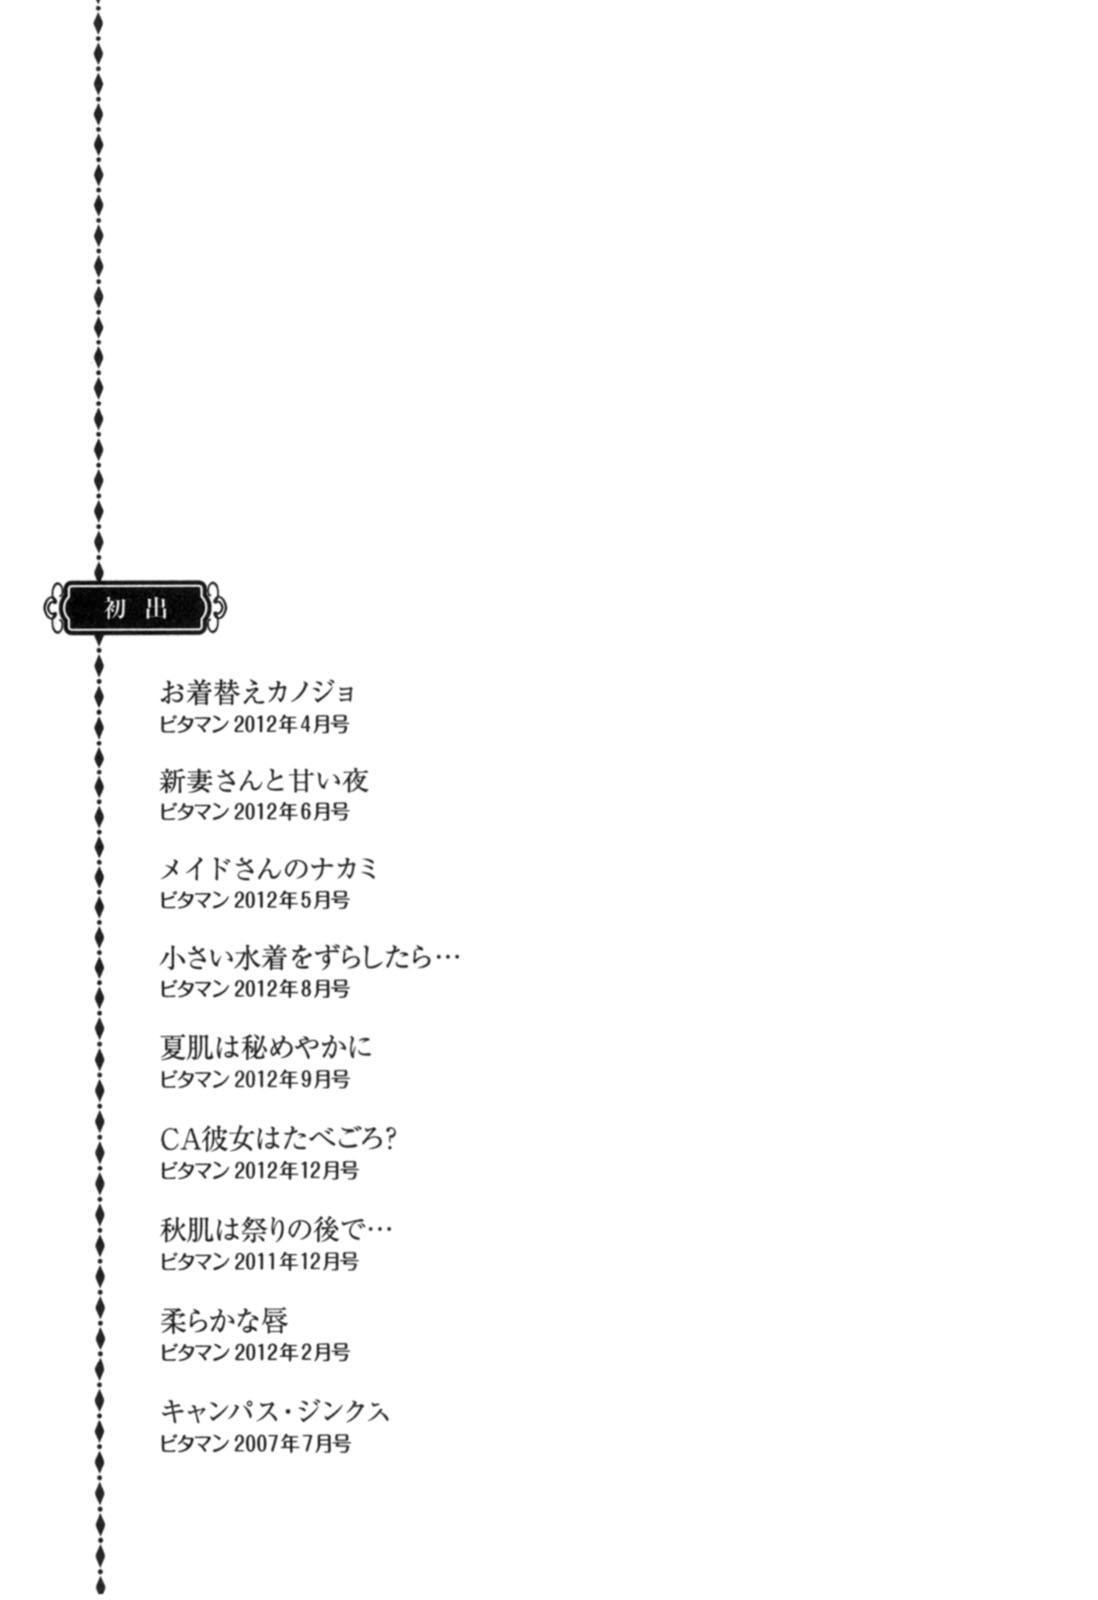 Nukumori Jou no Binkan Lesson 193